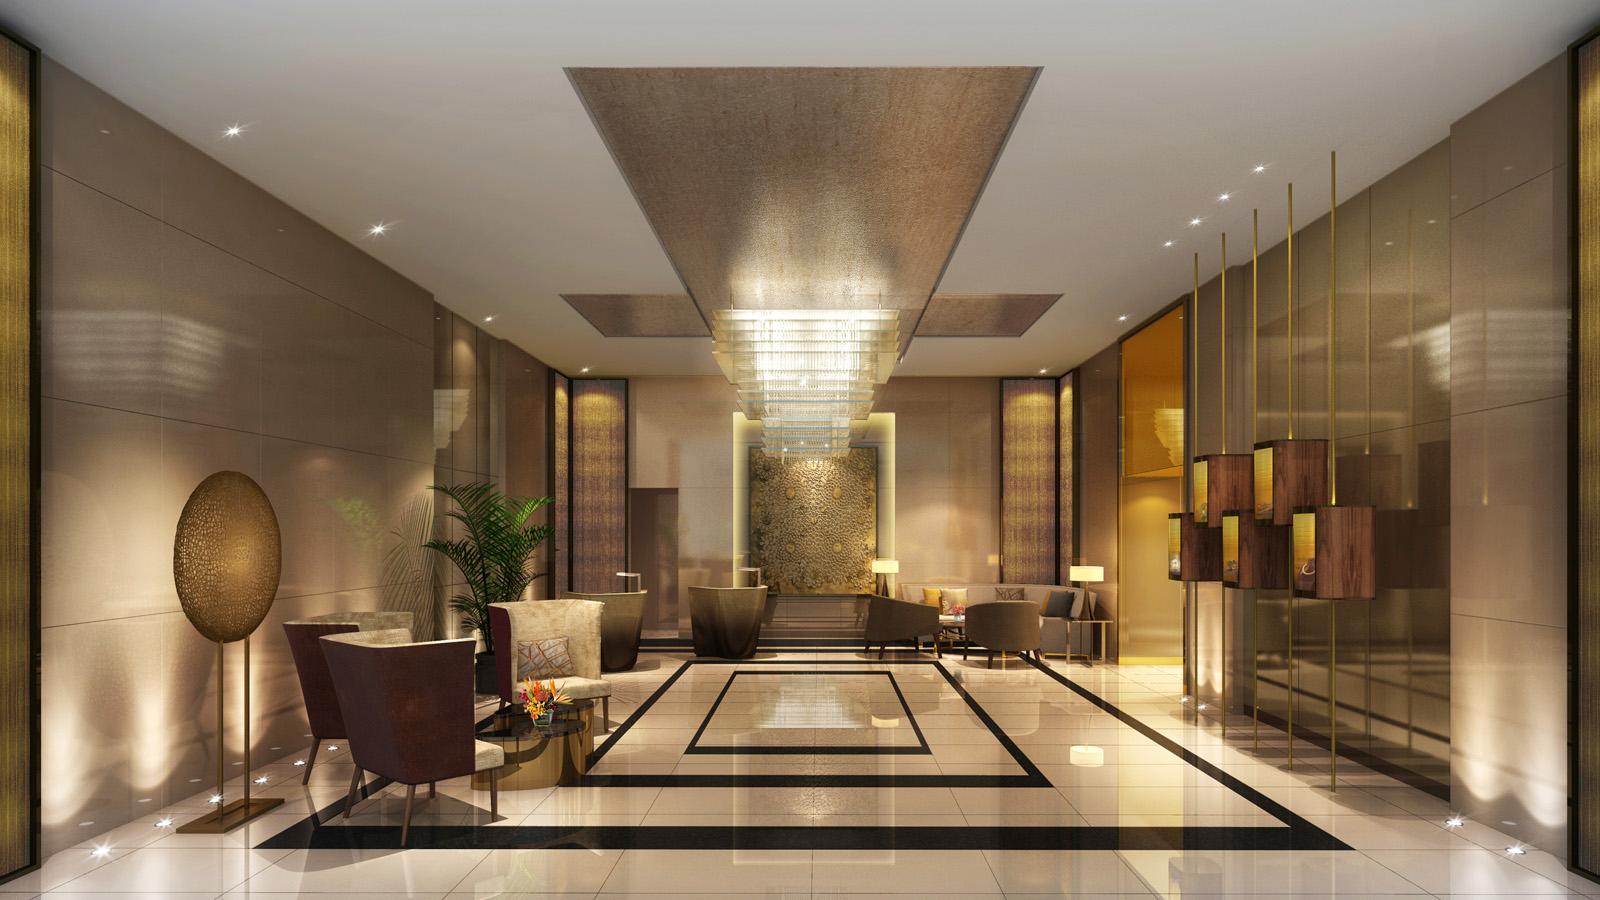 四季酒店集团即将揭幕其迪拜第二家酒店